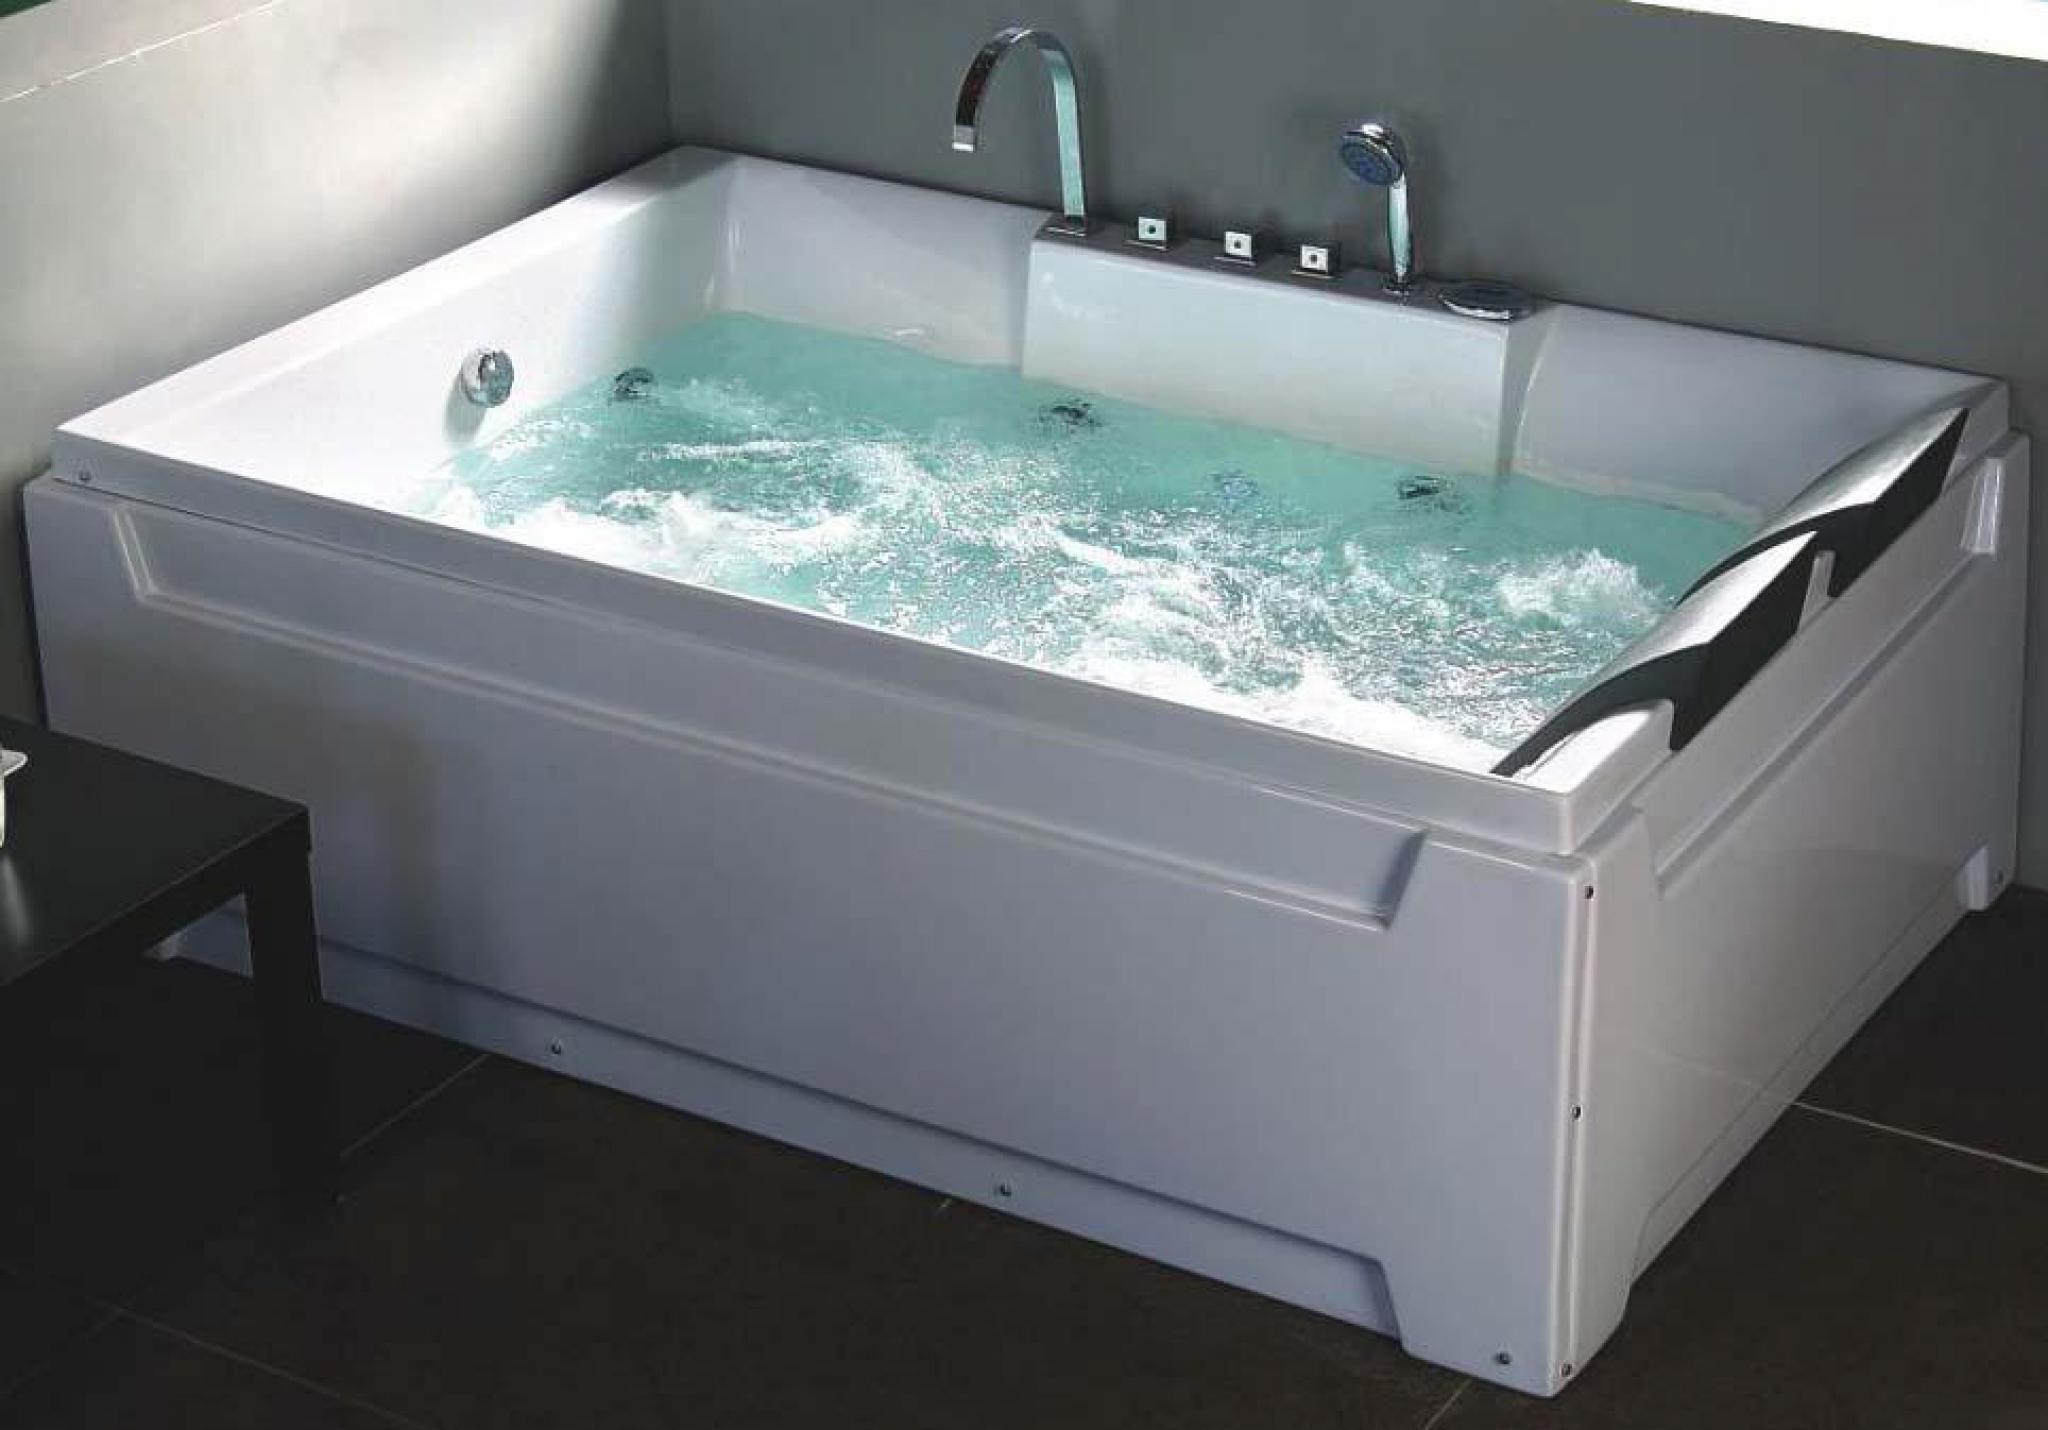 Vasca Da Bagno Doppia.Vasca Idromassaggio Paradise Luxury 185x123 Doppia Di Design